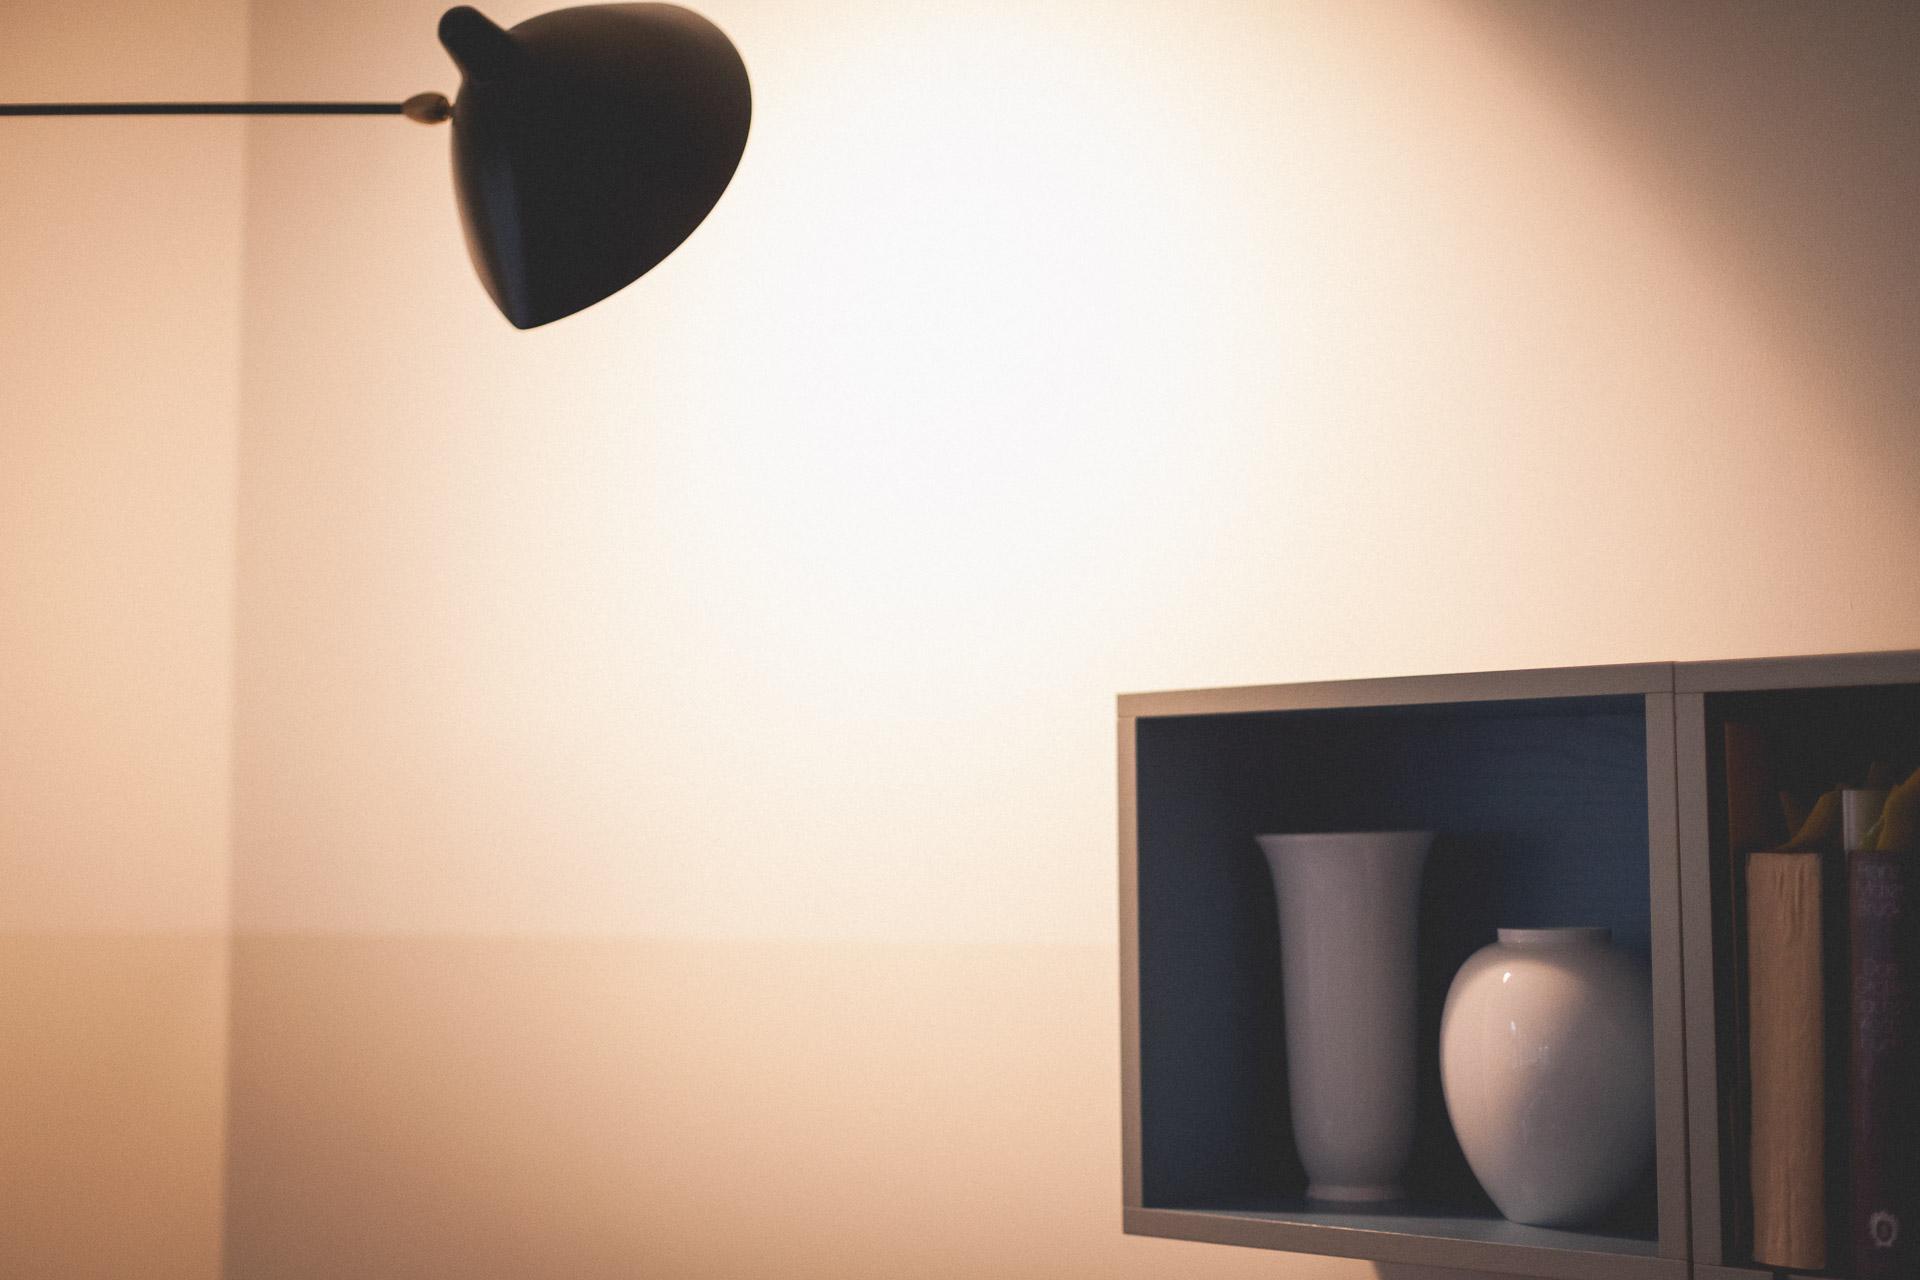 07-Jan-Schmidt-Garre-Regisseur-Portrait-freunde-von-freunden